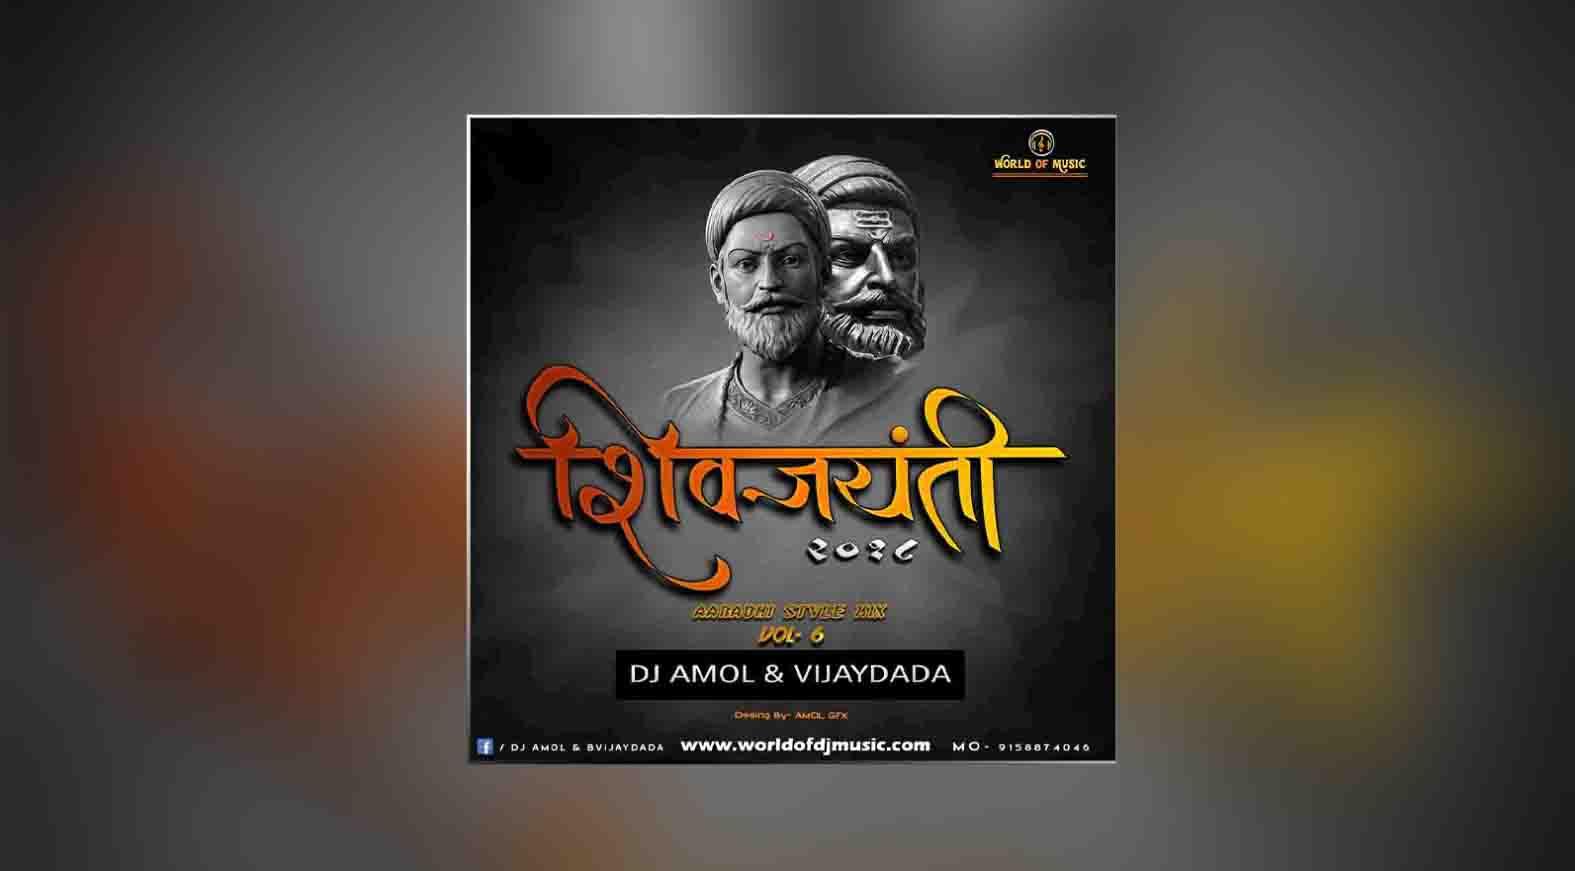 Shivba Raja ga Basla Ghodyawari (EDM Mix) - Dj Amol & Dj Vijay Dada